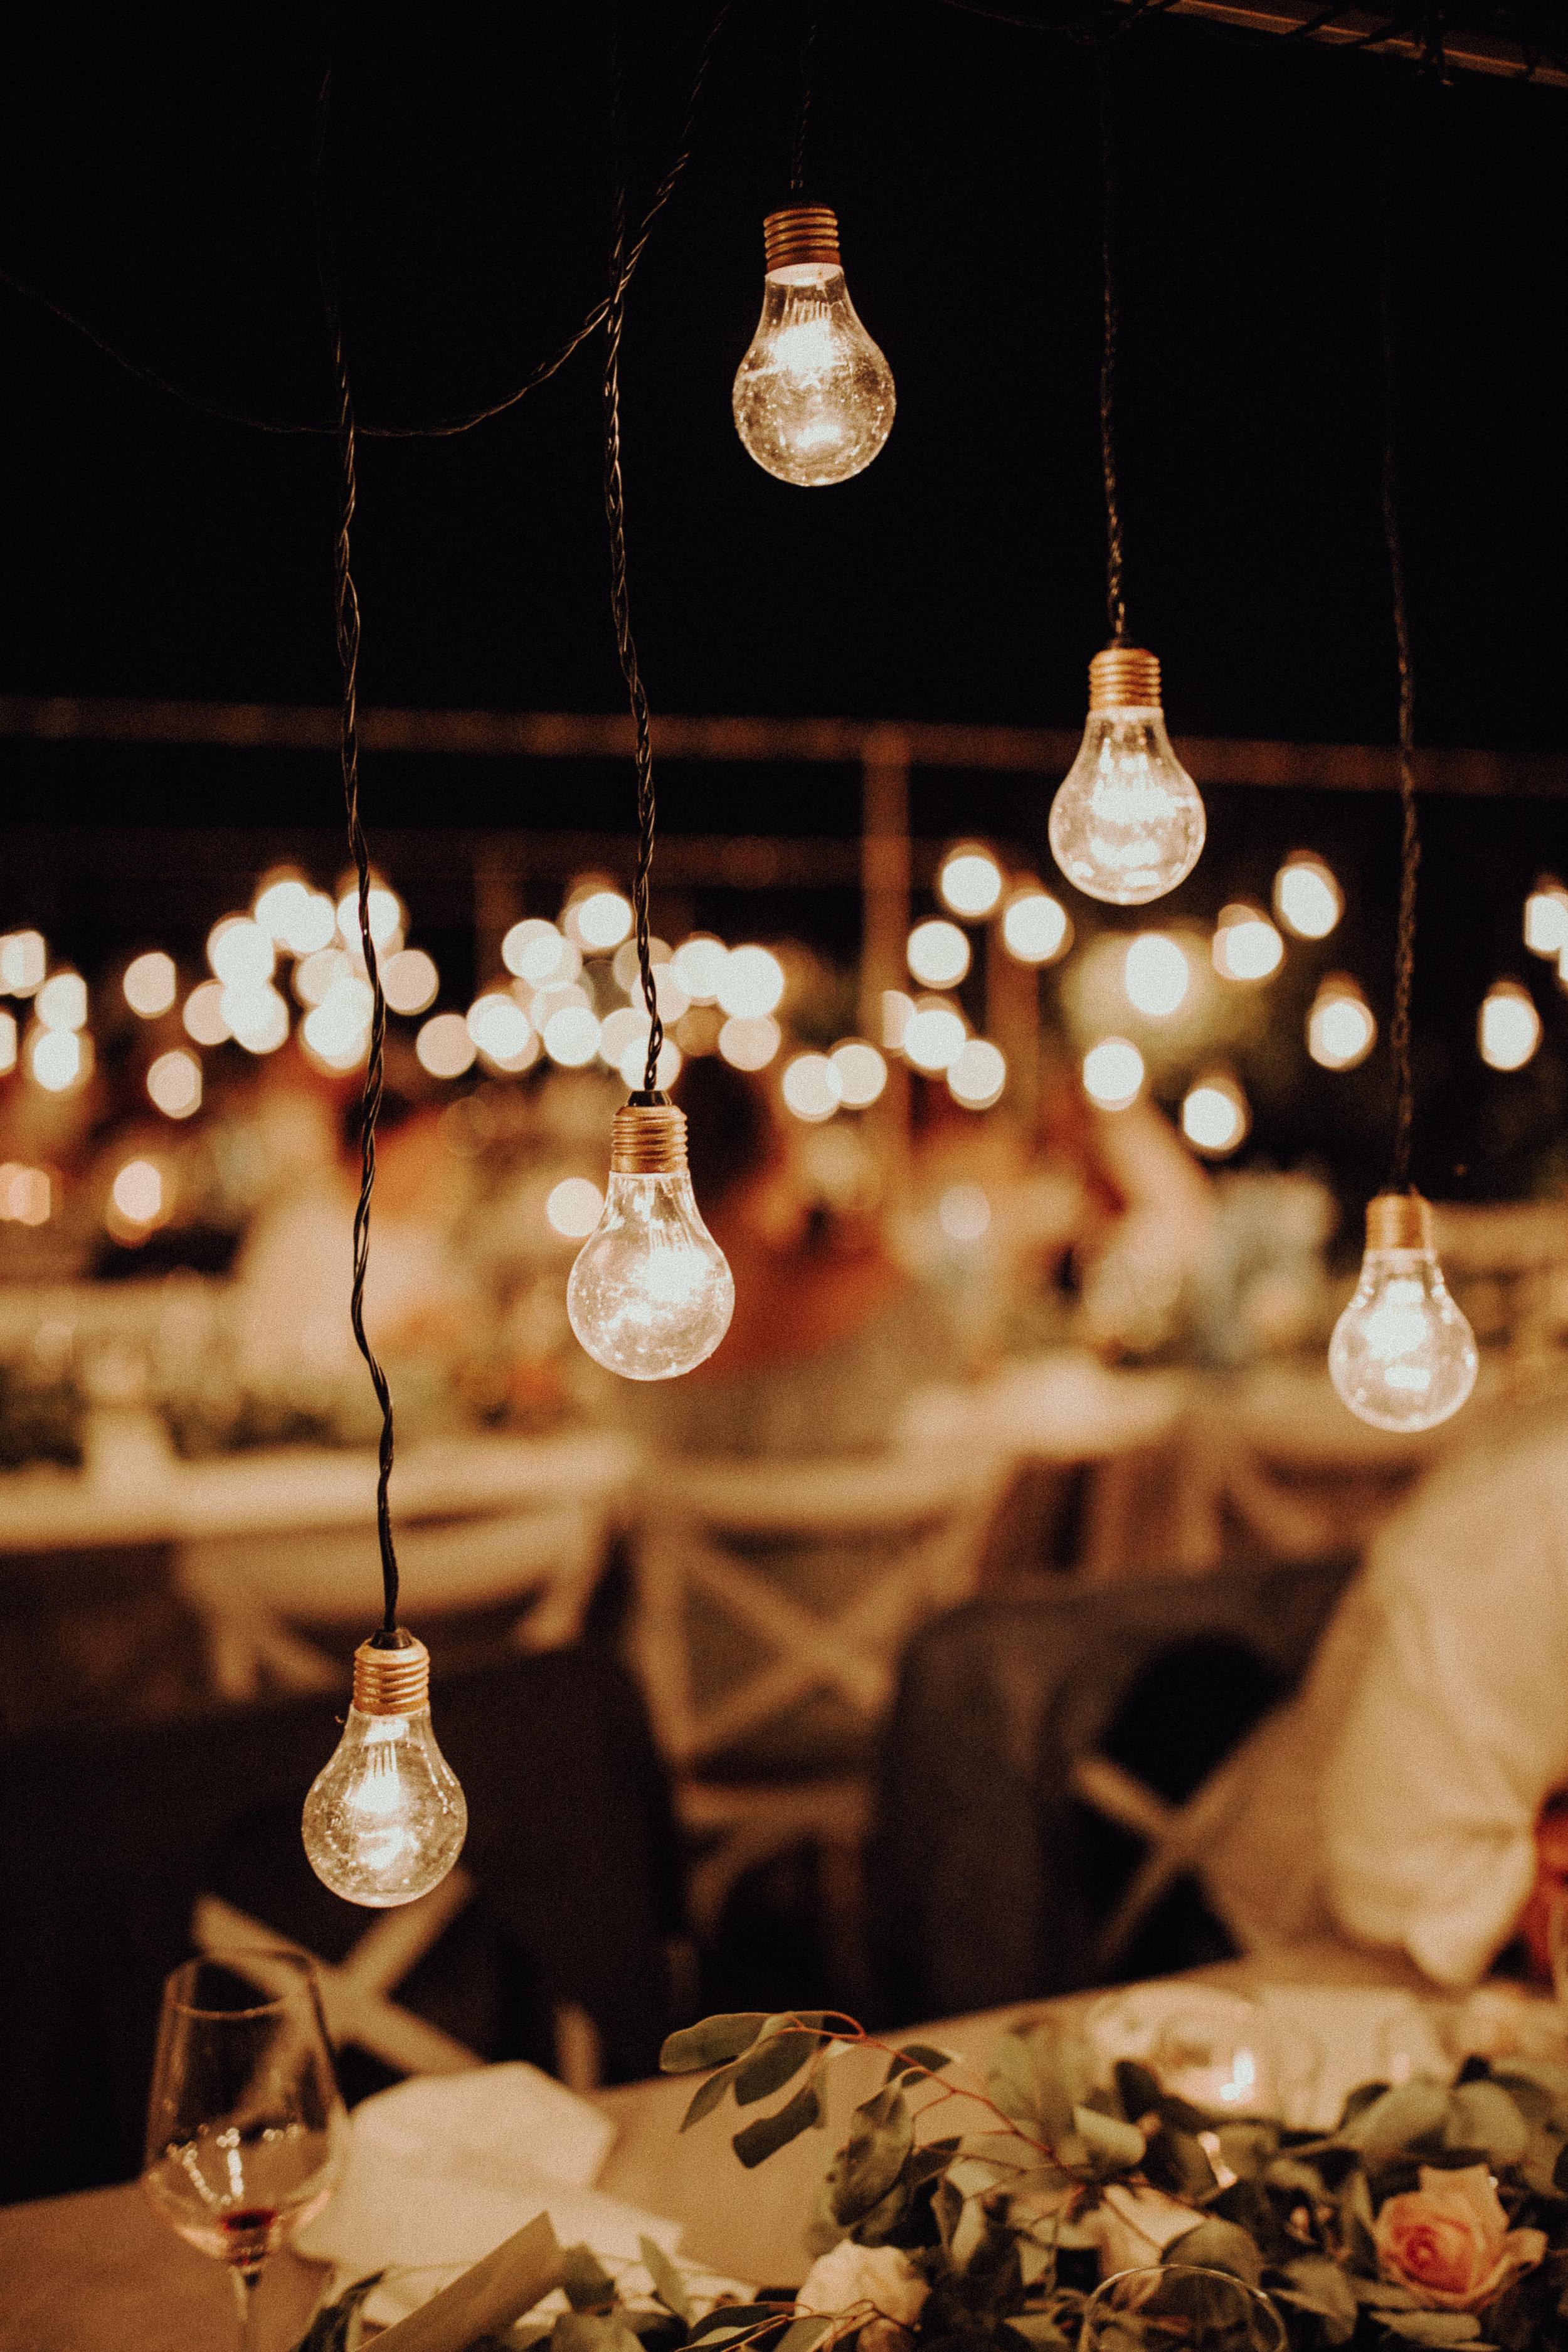 Tischdekoration Glühbirnen Italienhochzeit Bohostyle Industrial Design Eukalyptus Kalterer See